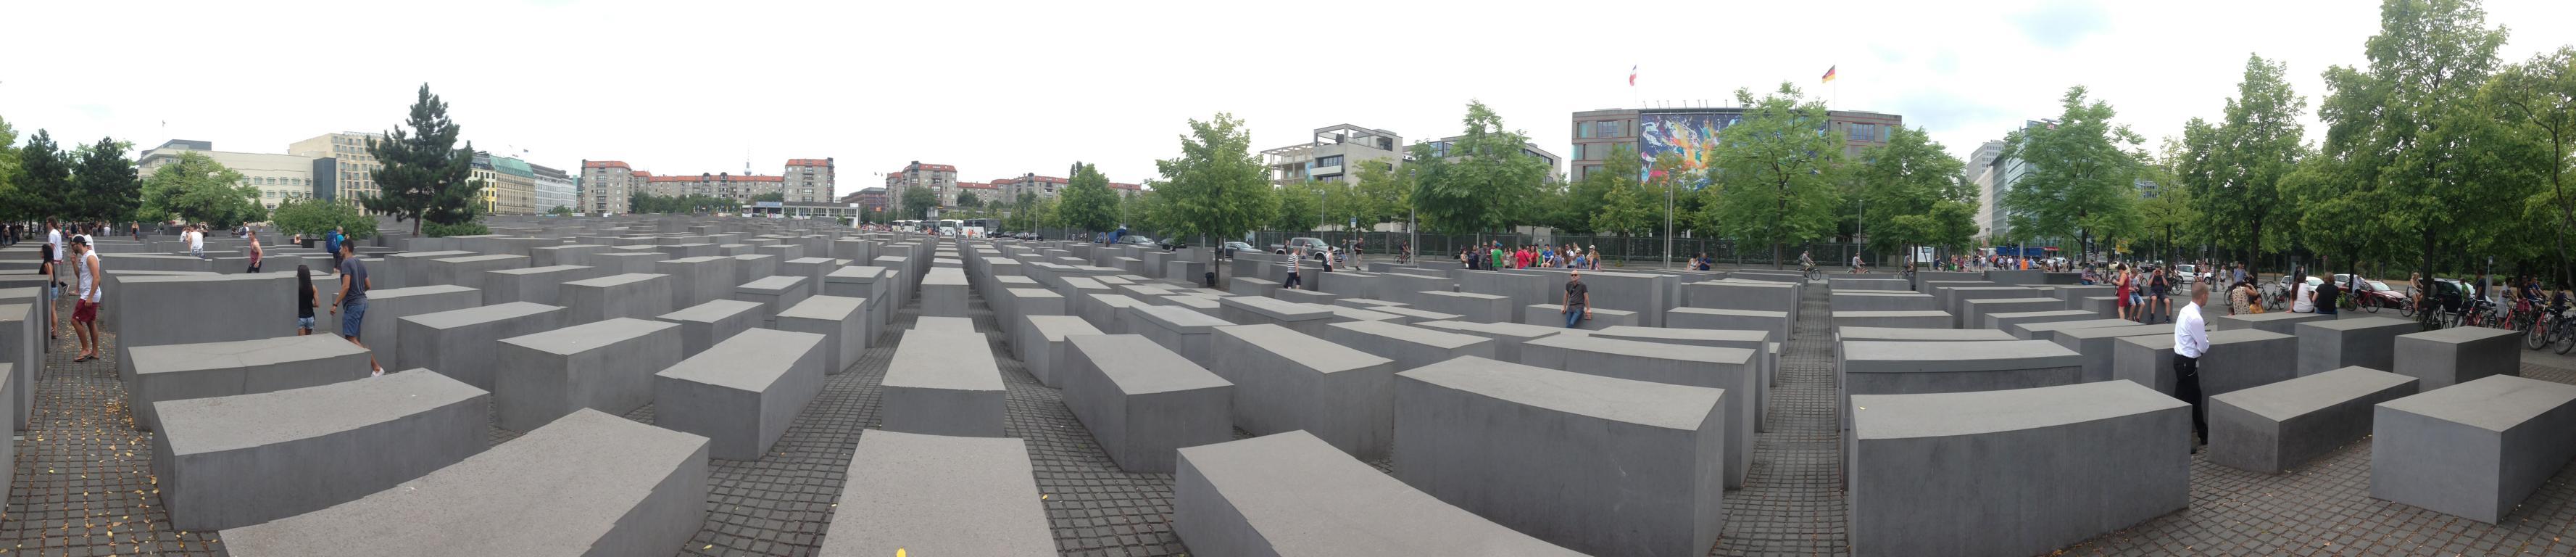 Ein weiter Blick über das beeindruckende Mahnmal, das an die sechs Millionen in Europa ermordeten Juden erinnern soll. Links im Hintergrund ist die amerikanische Botschaft zu sehn.